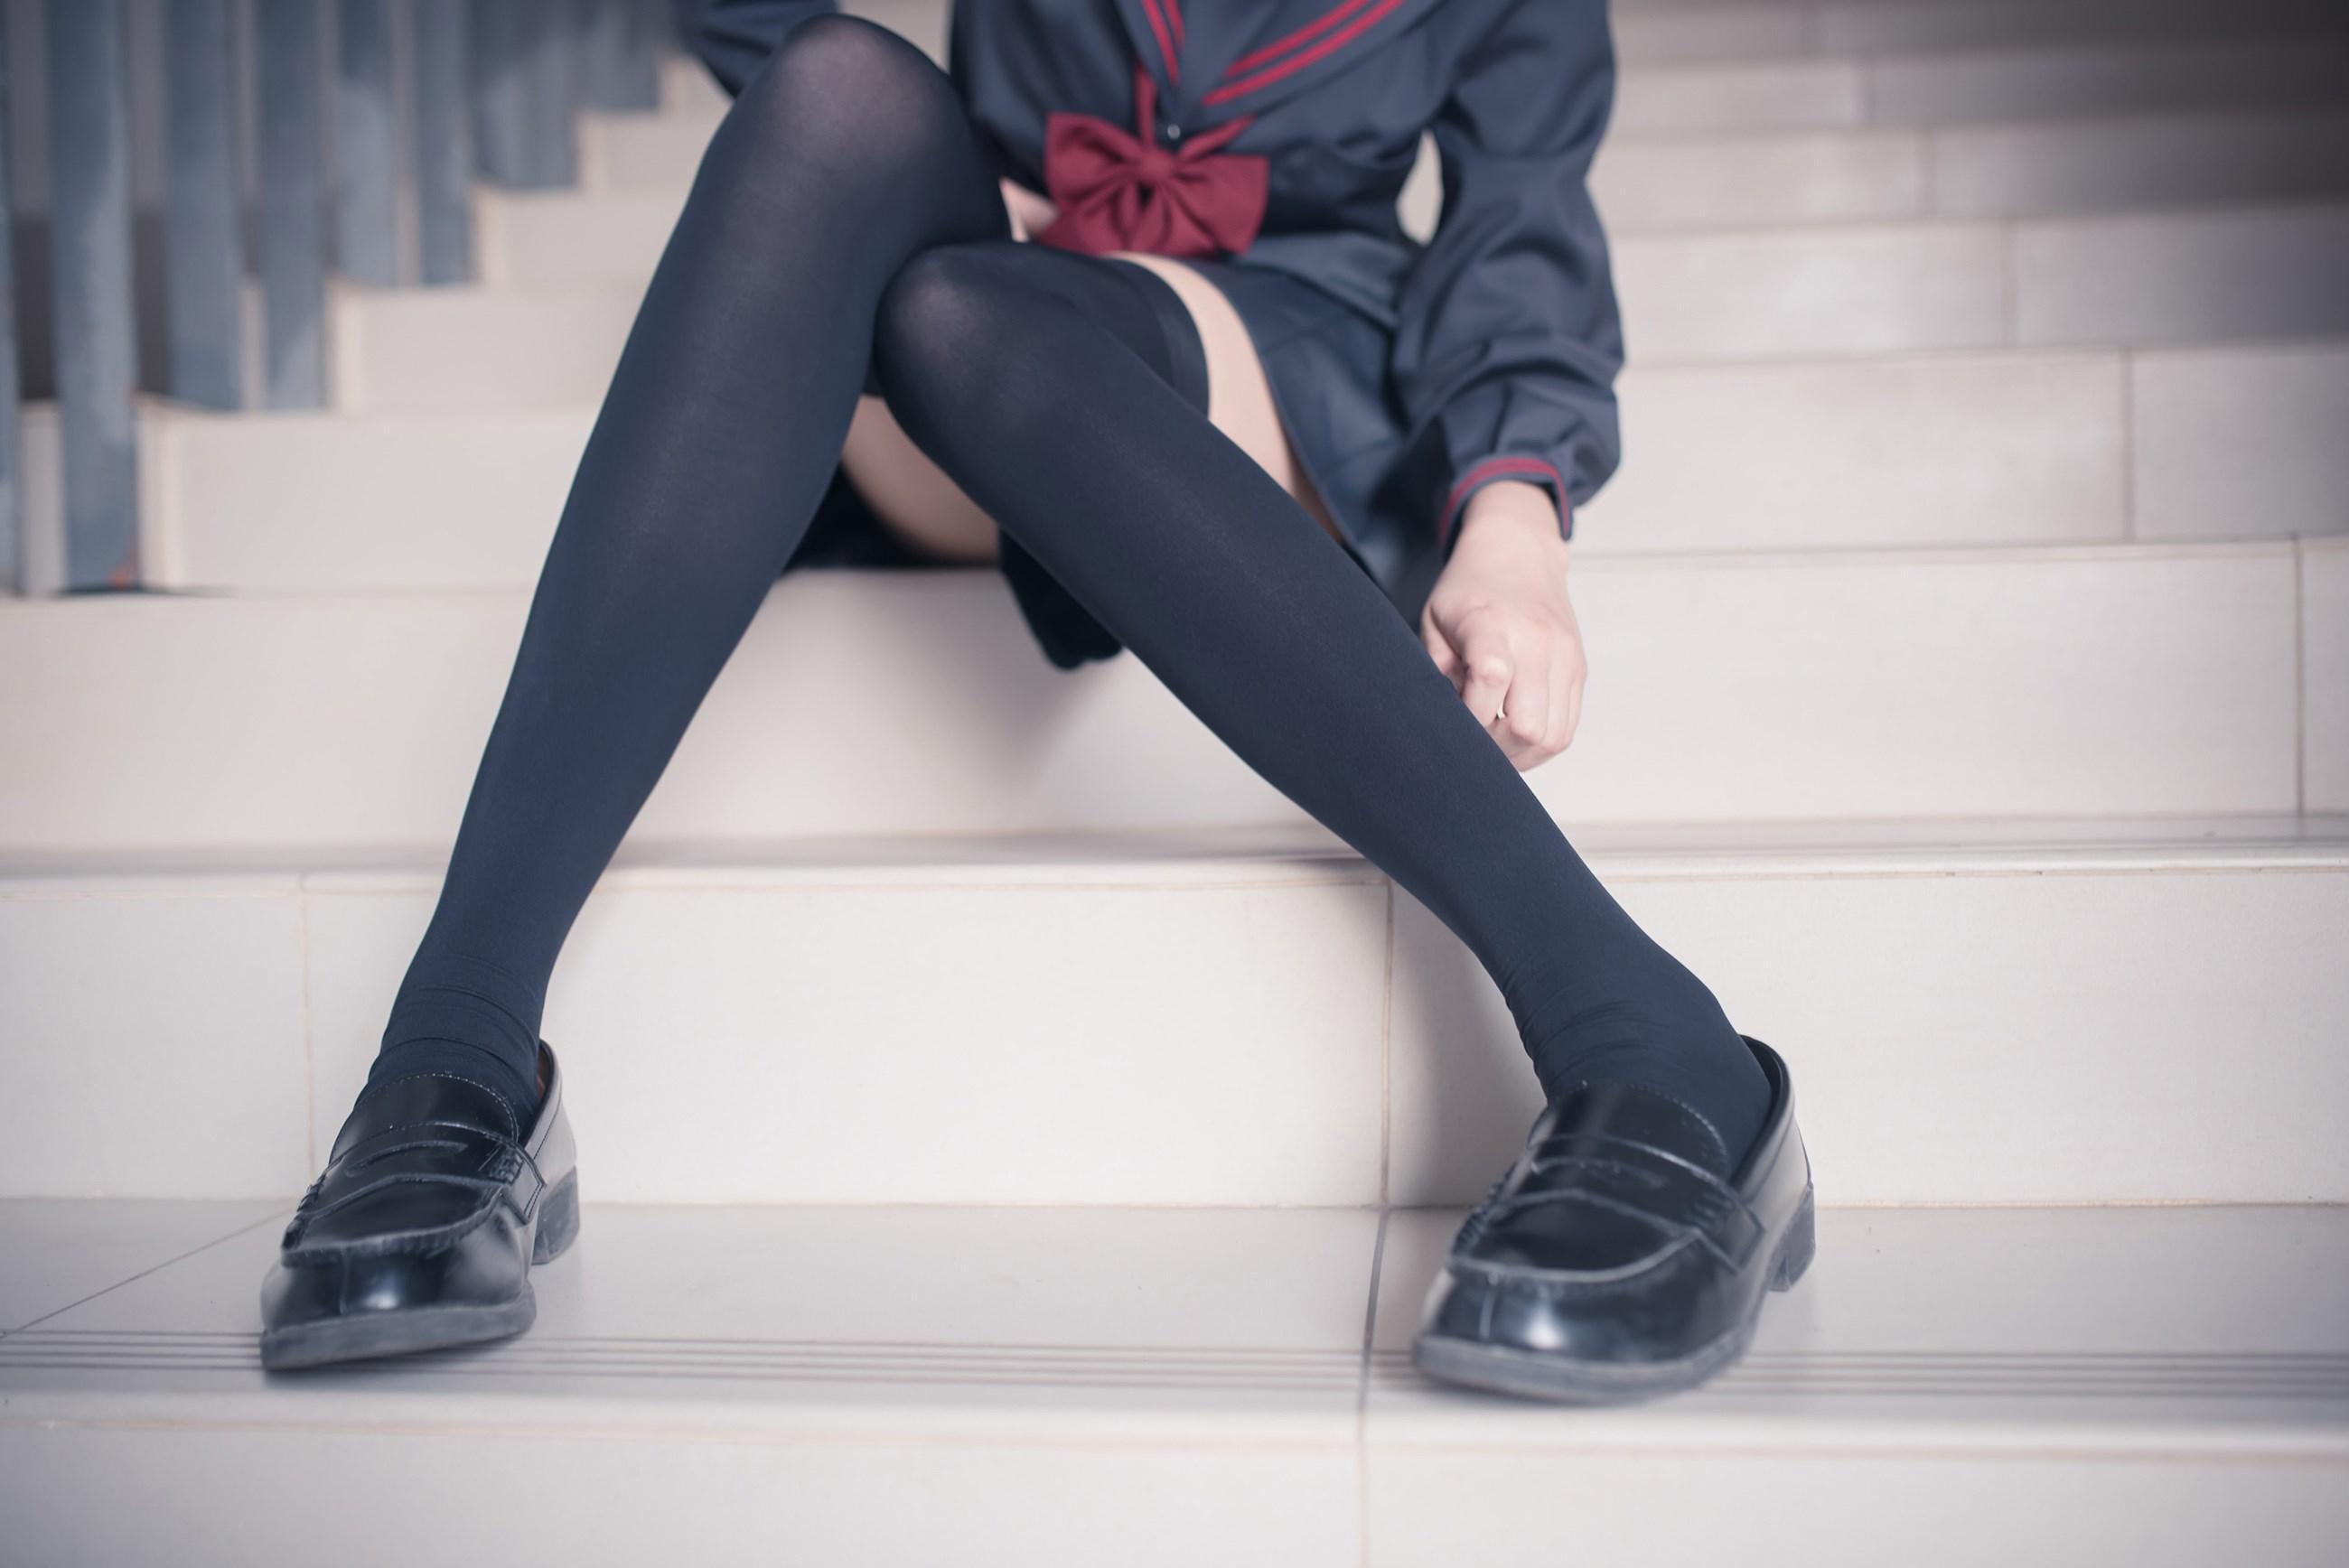 【兔玩映画】黑丝过膝袜 兔玩映画 第39张